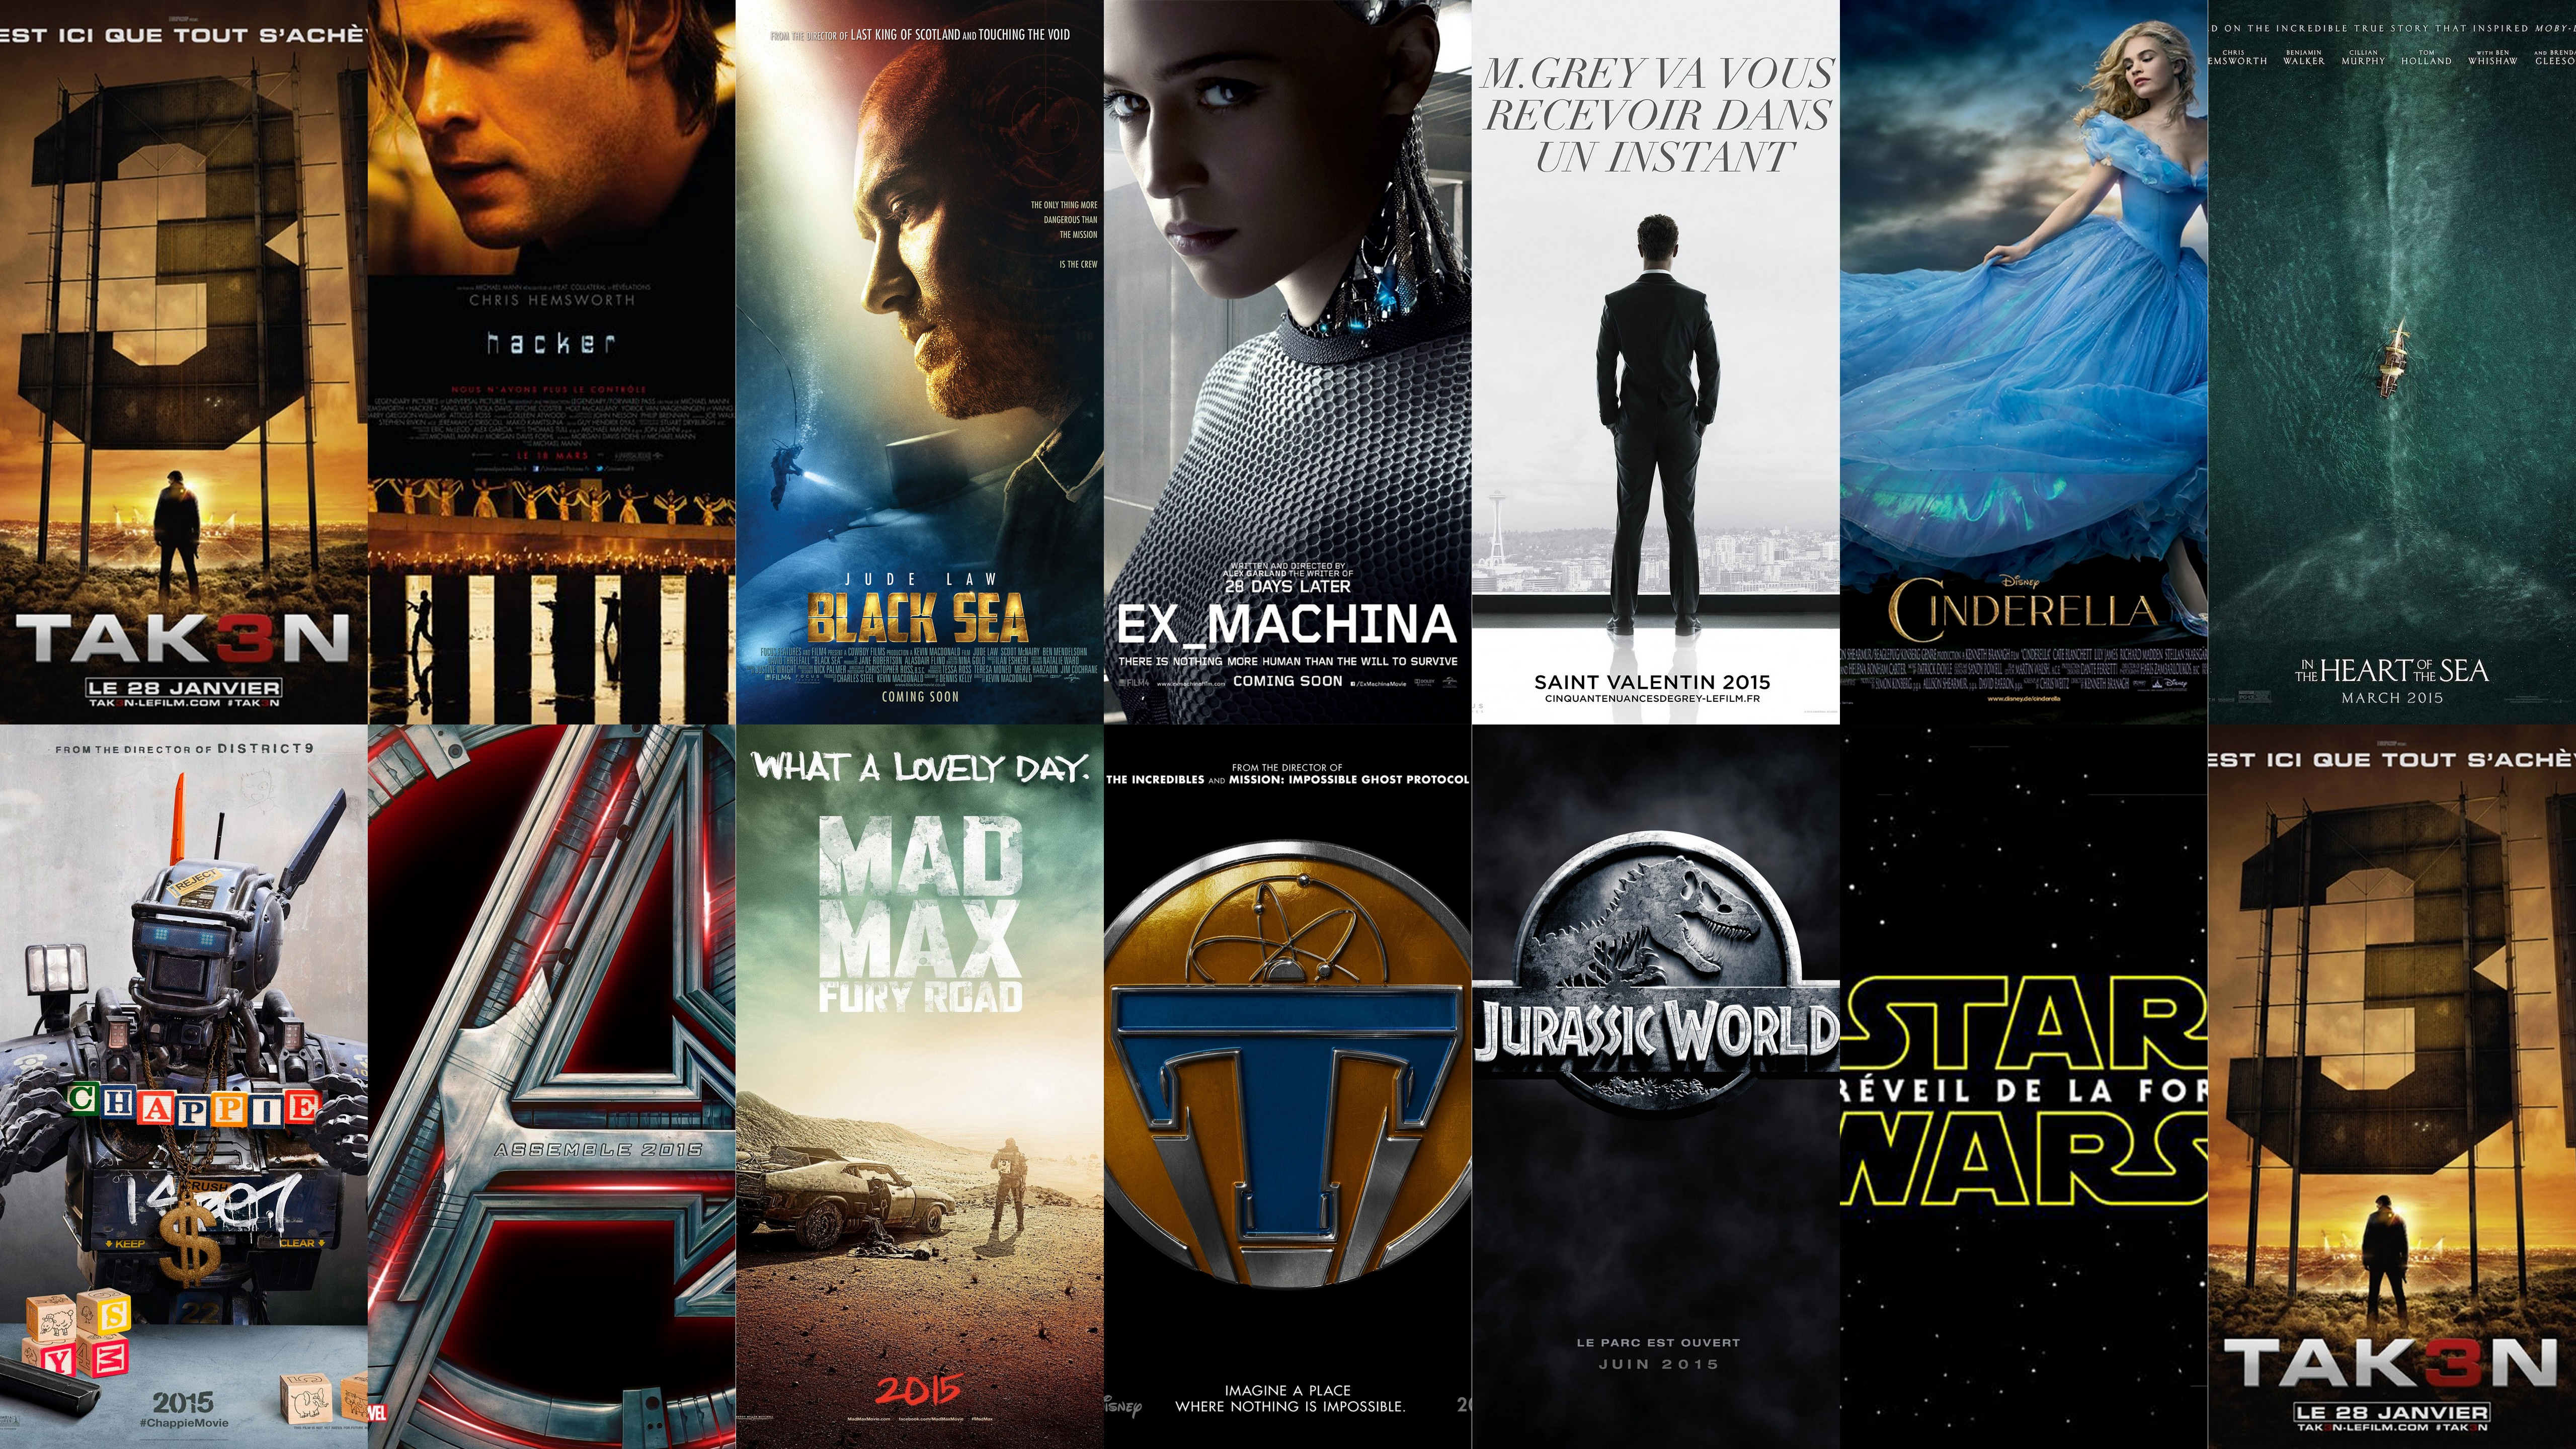 Les-films-qu-il-faut-voir-en-2015